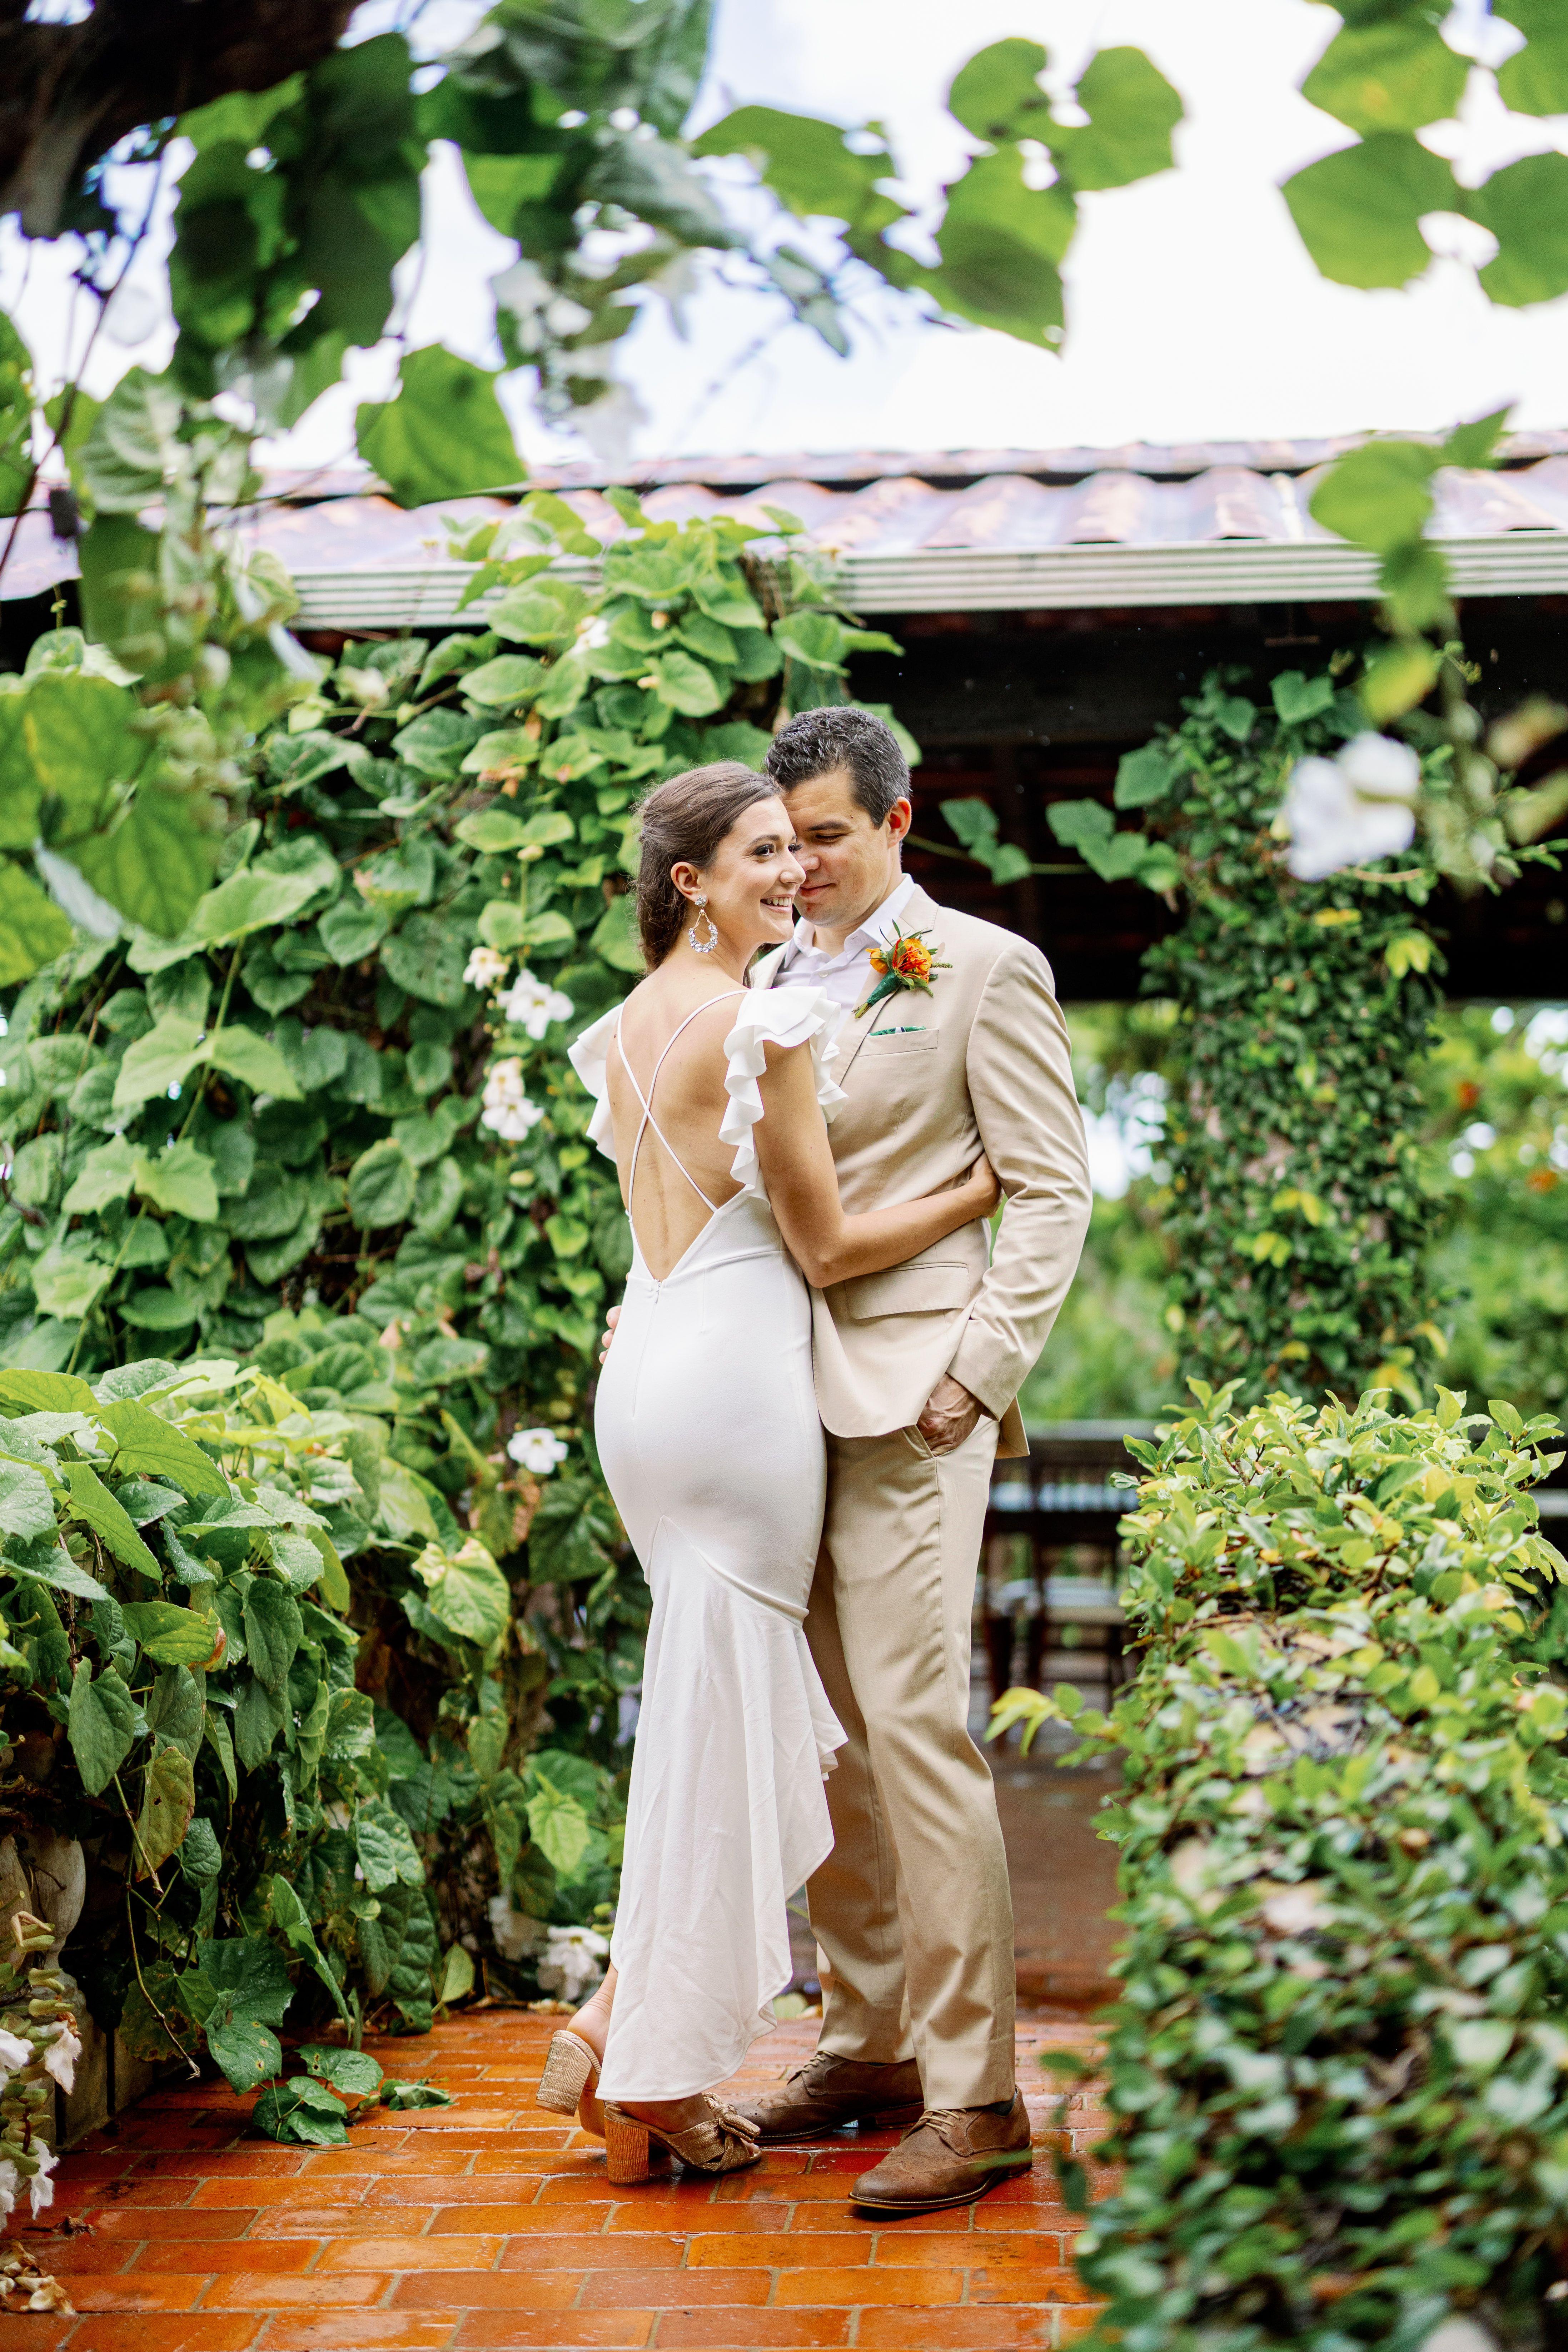 Vestido de la novia: Hello Molly (Enuel Viera Photography)